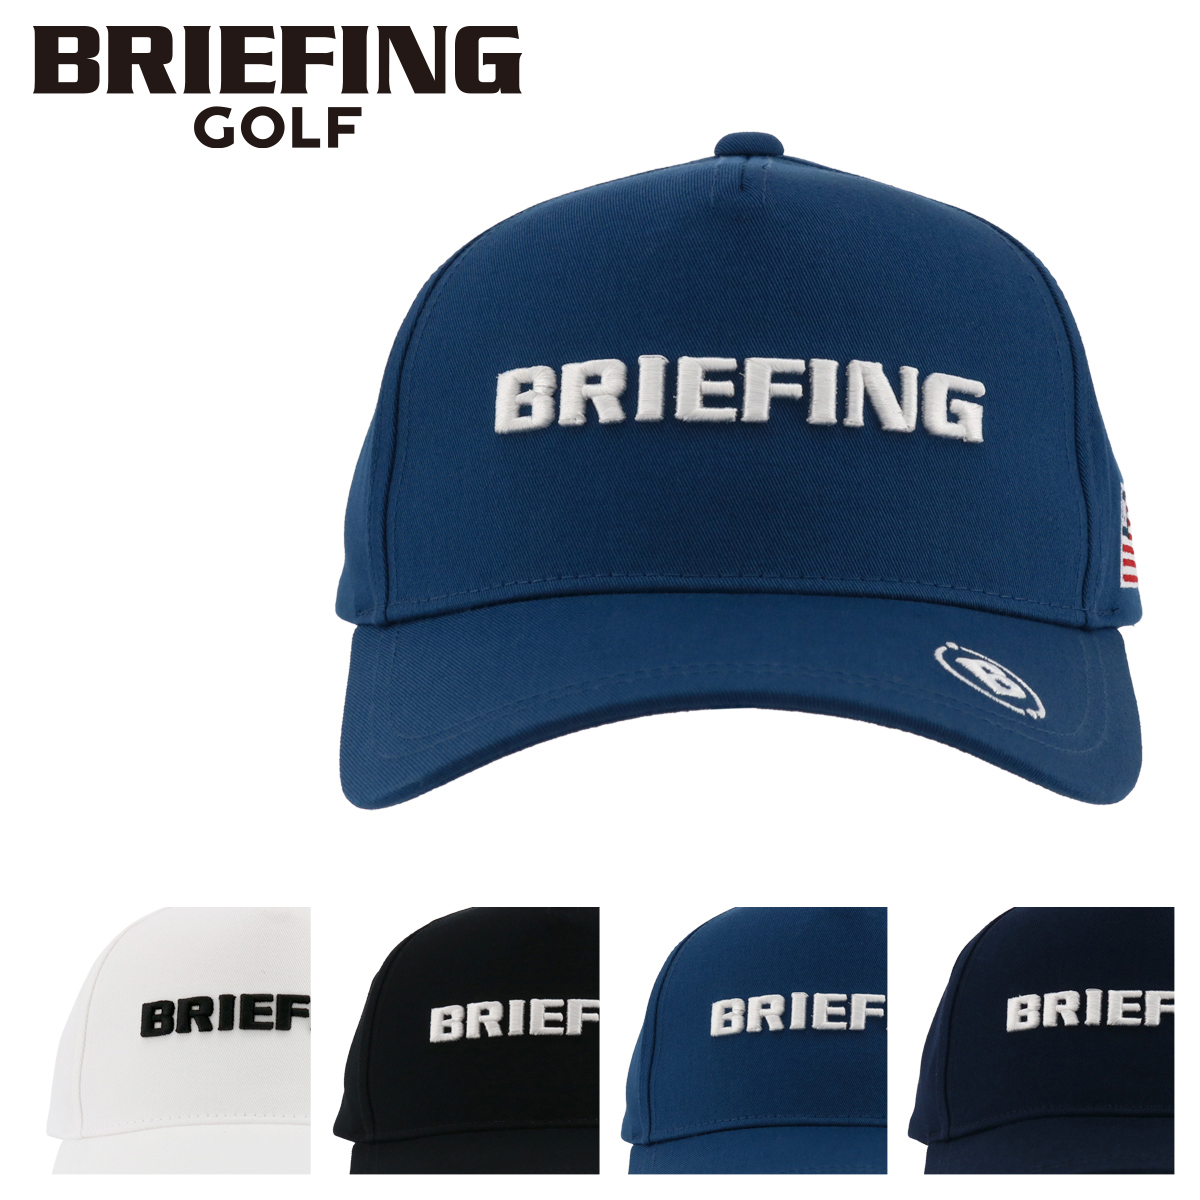 ふるさと割 送料無料 あす楽 ブリーフィング ゴルフ キャップ メンズ BRG211M45 帽子 MS bef BRIEFING 保障 BASIC 即日発送 CAP